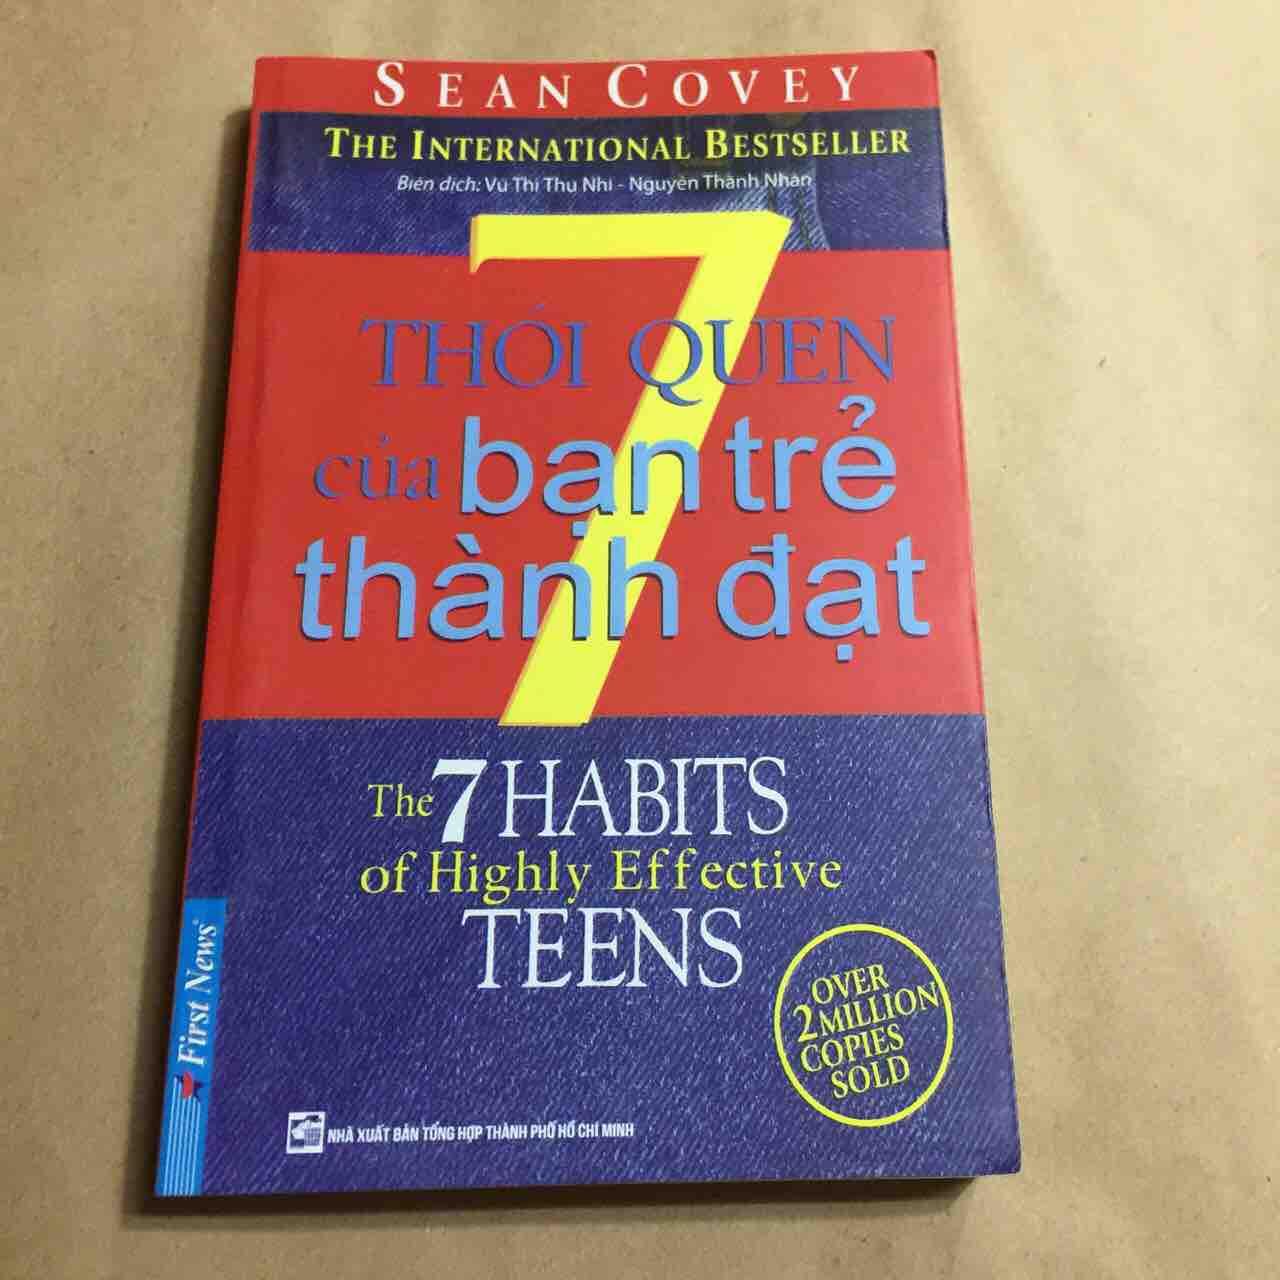 7 thói quen để thành đạt của bạn trẻ